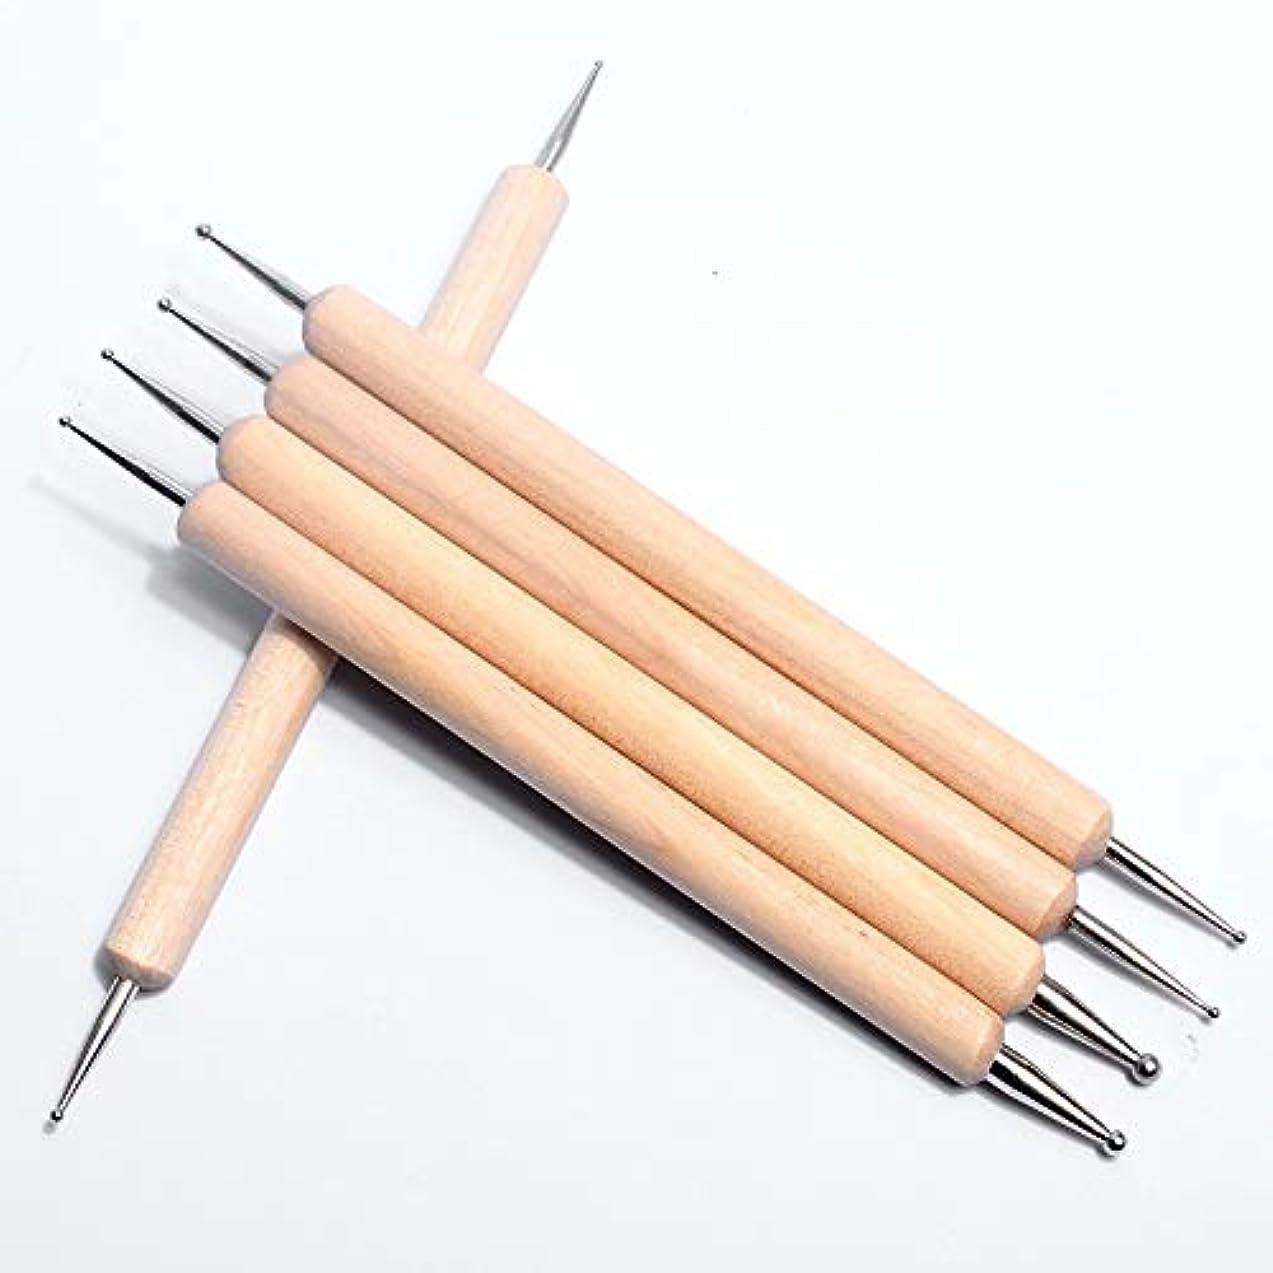 乳鏡一方、Kerwinner 木製ボールスタイラスドットペンネイルアートデザインツールセット用マニキュアエンボスパターン粘土彫刻モデリングツール5PC